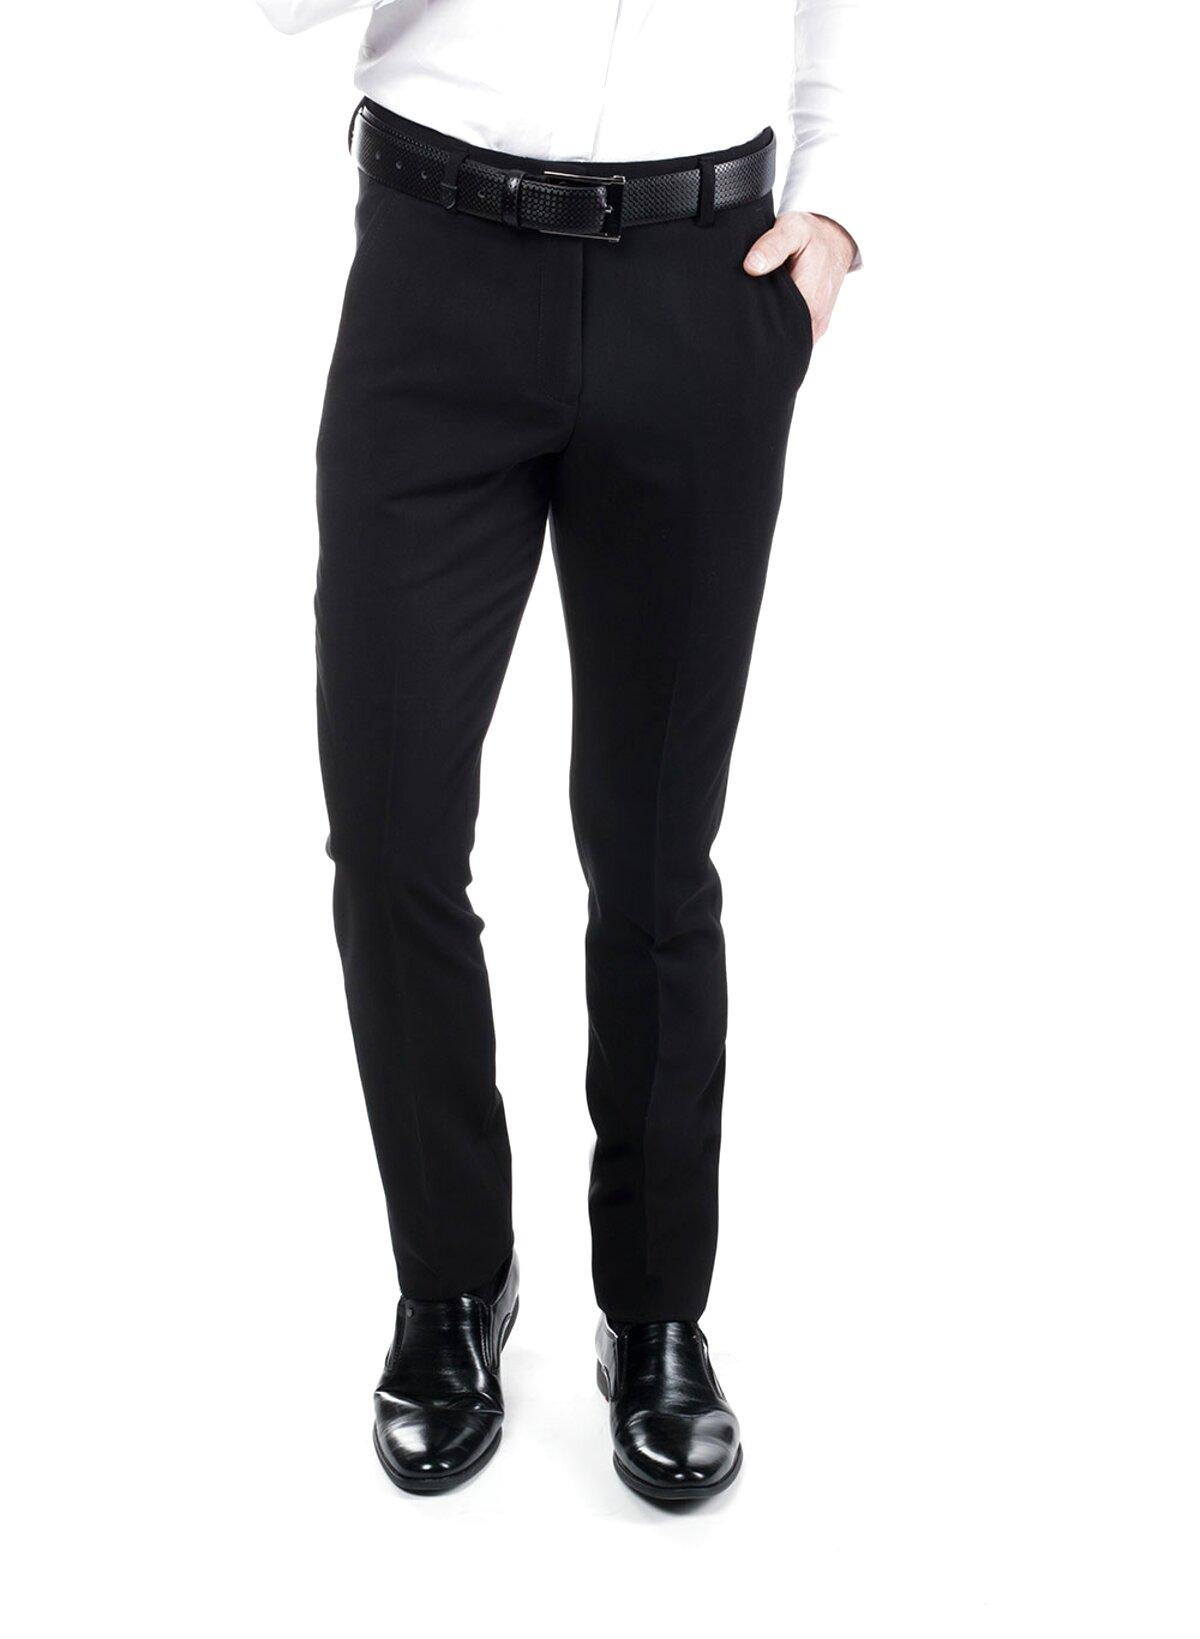 Venta De Pantalon D Vestir 52 Articulos De Segunda Mano